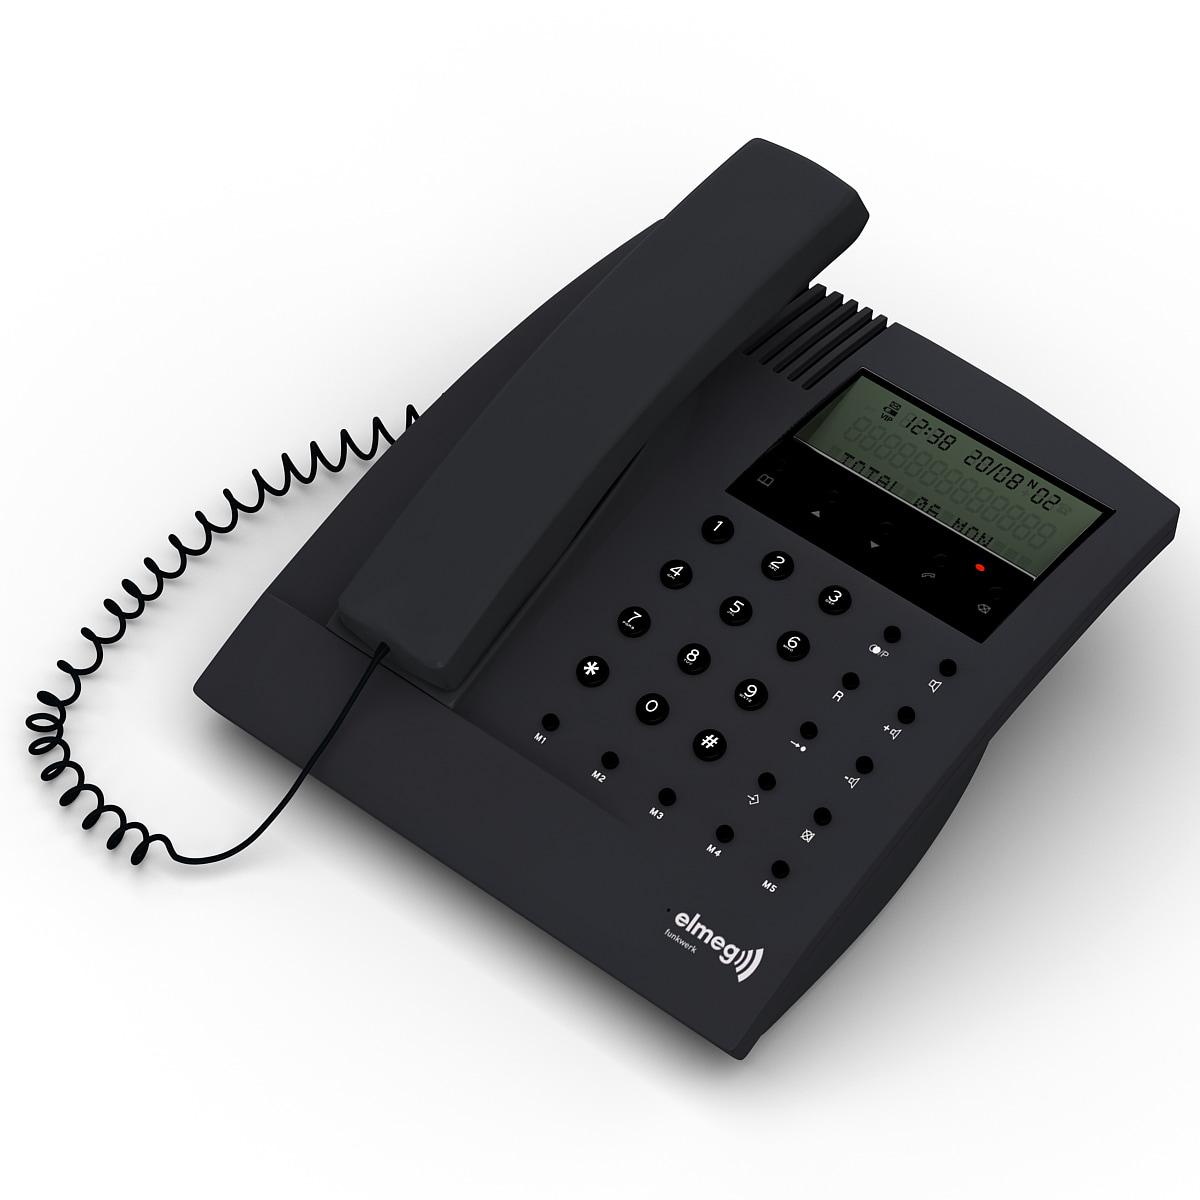 IP_Telephone_Elmeg_IP290_001.jpg